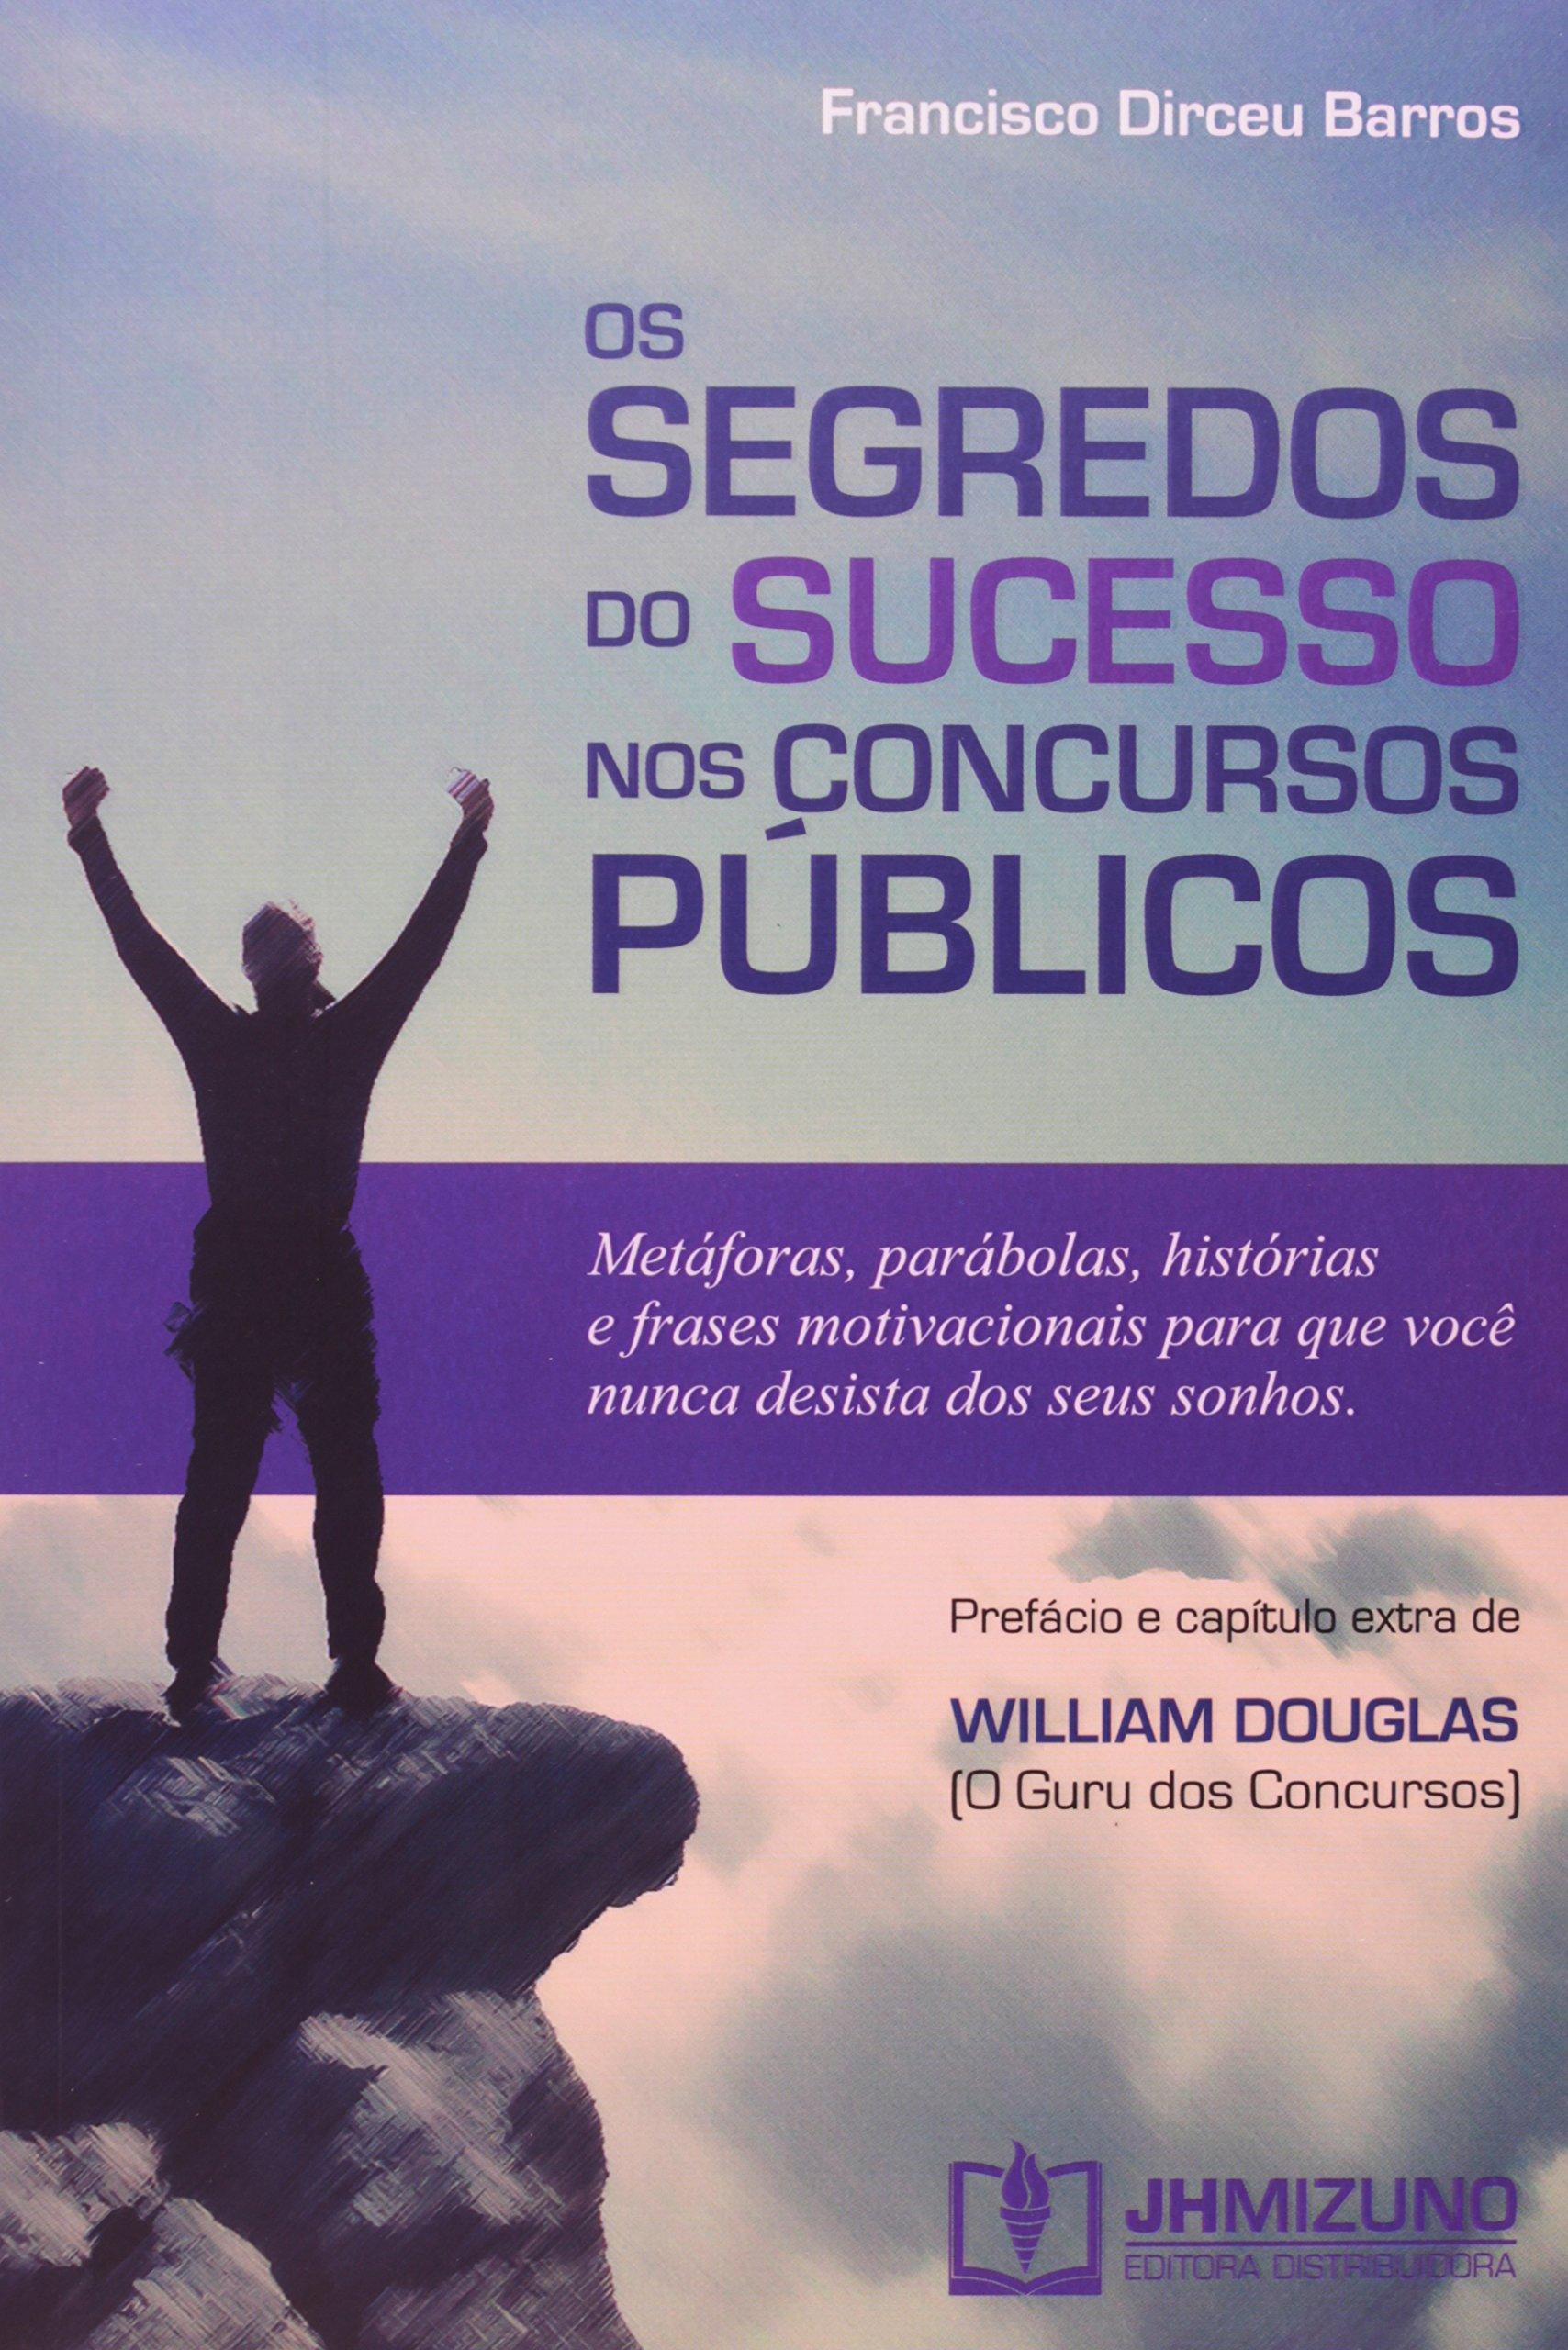 Segredos Do Sucesso Dos Concursos Publicos Os Francisco